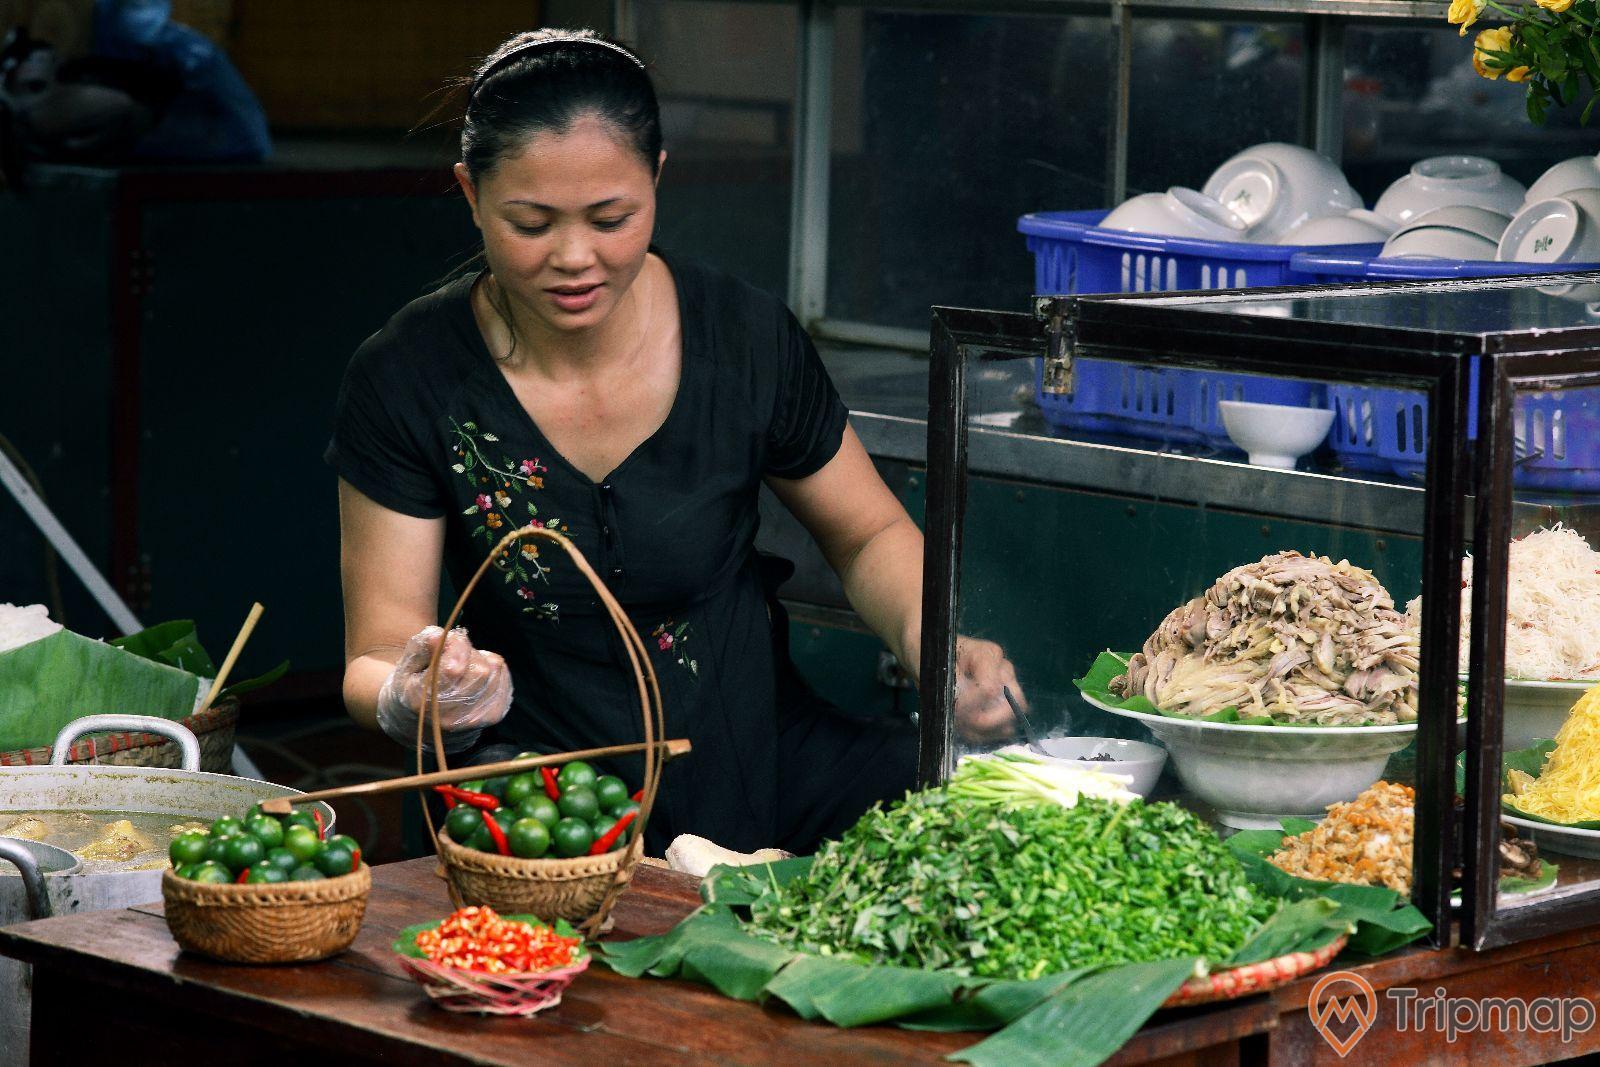 quán ăn khu ẩm thực tại Thiên đường Bảo Sơn, một người phụ nữ áo đen đang ngồi, đĩa mẹt hành gia vị hành và 1 giỏ ớt 2 giỏ quất trên bàn màu nâu, món ăn trong tủ kính, rổ bát màu xanh trên bàn, ảnh chụp phía trước của quán